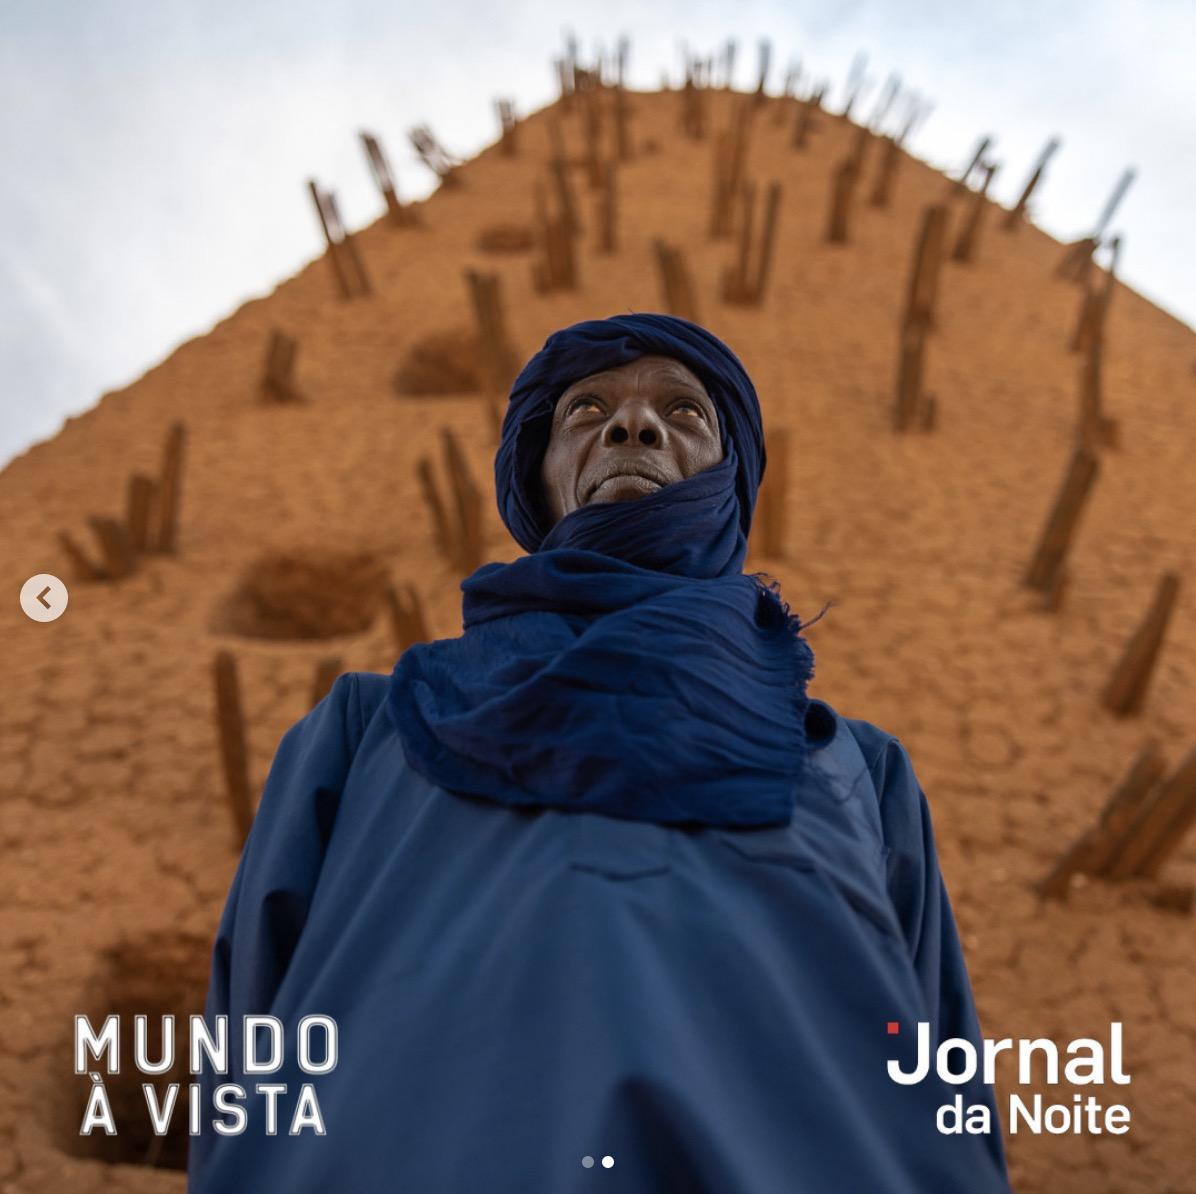 Mundo-a-vista-joel-santos-jornal-da-noite-sic-noticias-niger-tuareg.jpg